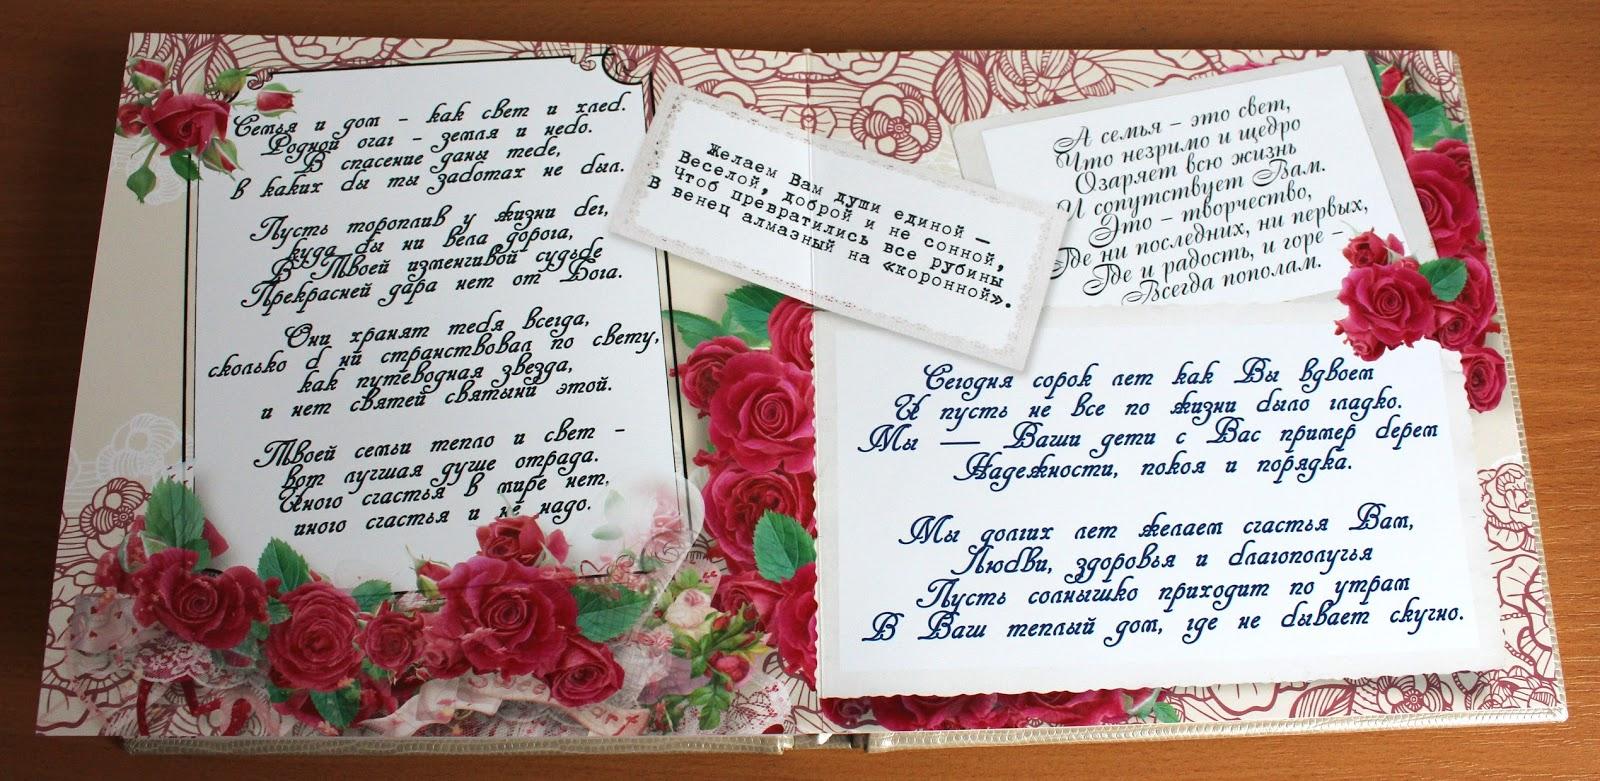 Поздравление родителям с 40 годовщиной свадьбы